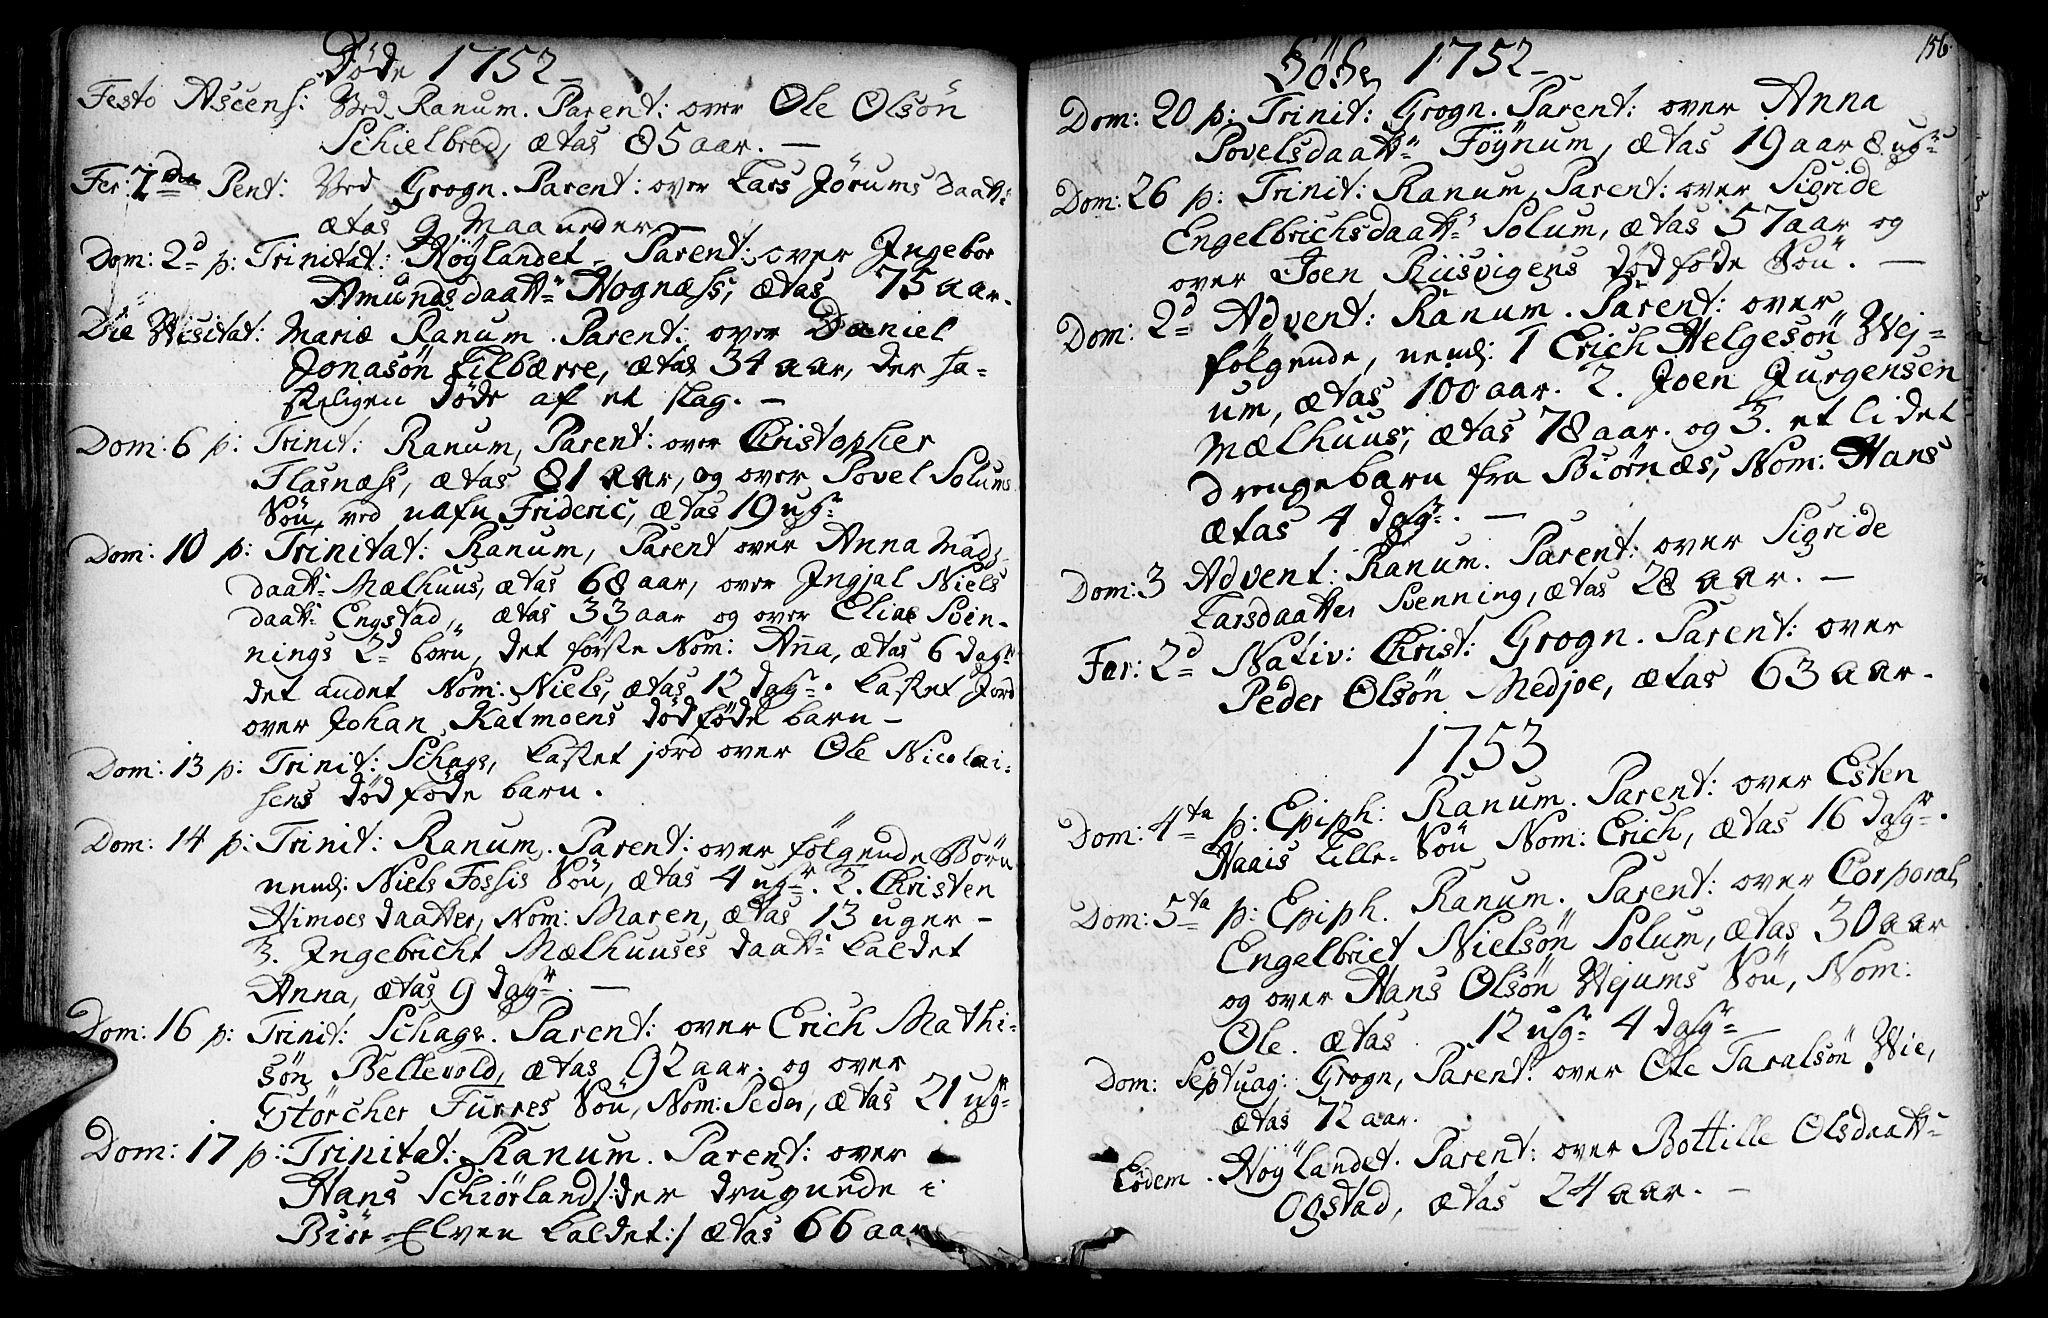 SAT, Ministerialprotokoller, klokkerbøker og fødselsregistre - Nord-Trøndelag, 764/L0542: Ministerialbok nr. 764A02, 1748-1779, s. 156